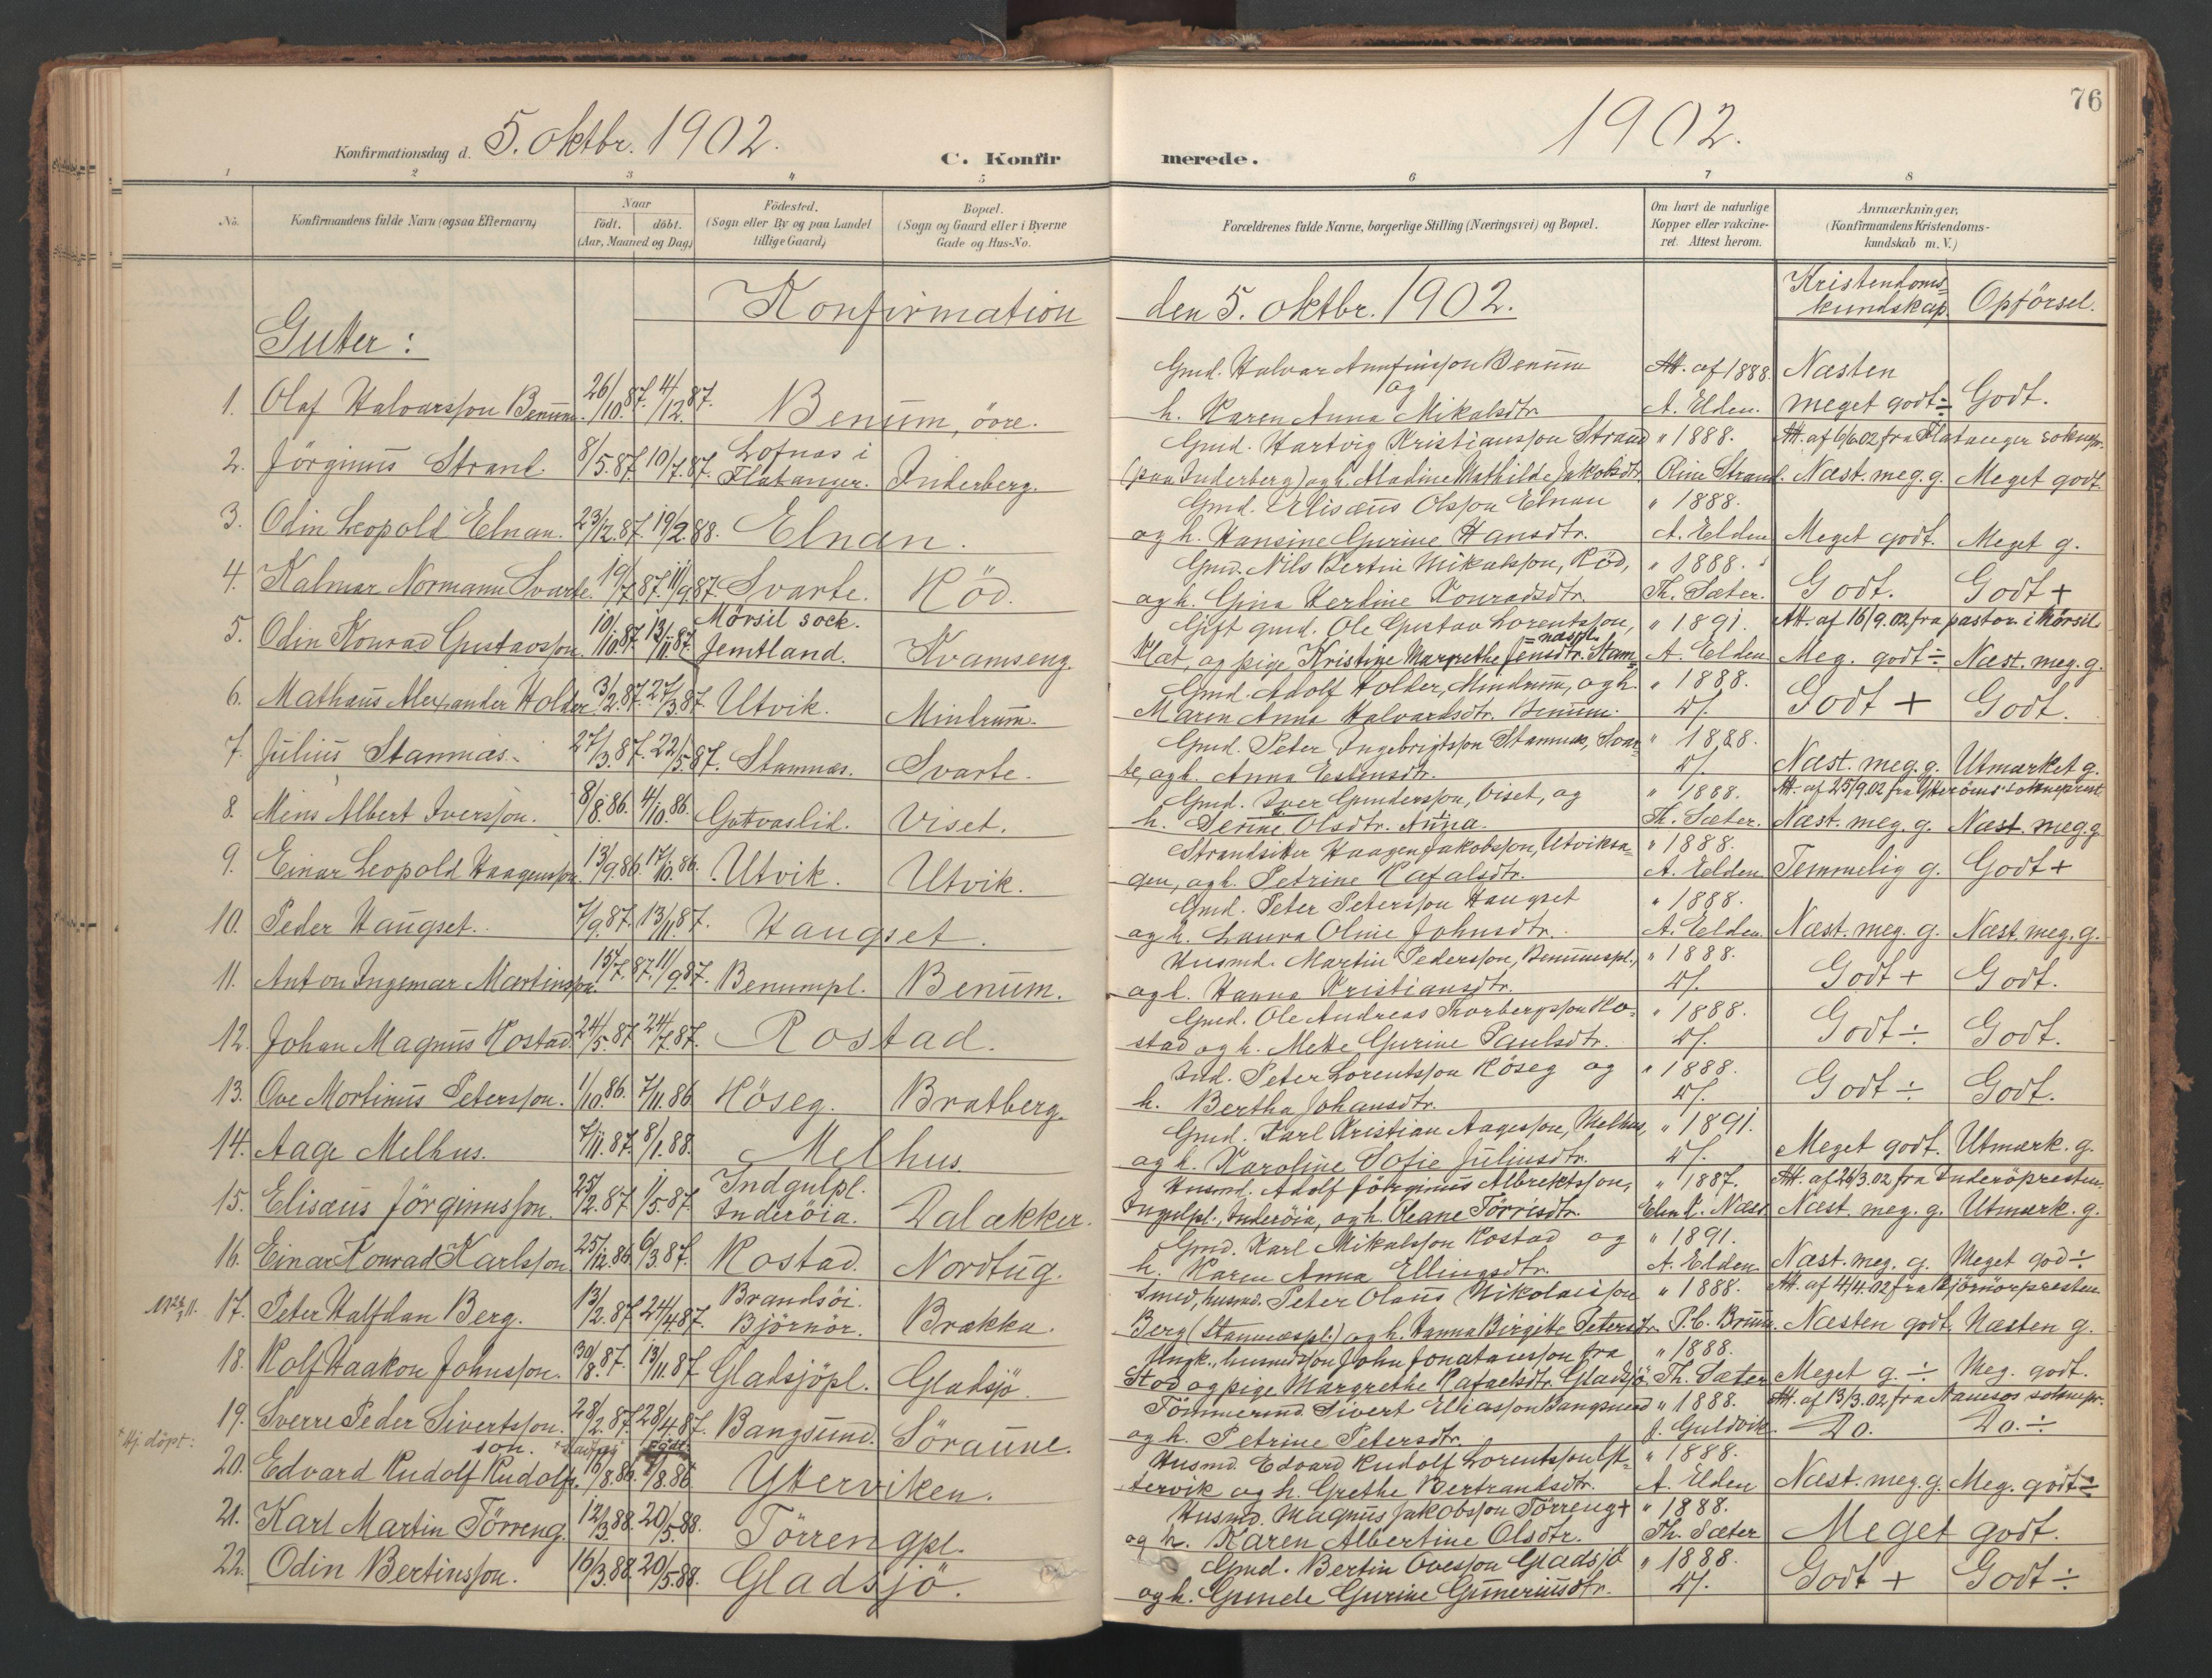 SAT, Ministerialprotokoller, klokkerbøker og fødselsregistre - Nord-Trøndelag, 741/L0397: Ministerialbok nr. 741A11, 1901-1911, s. 76